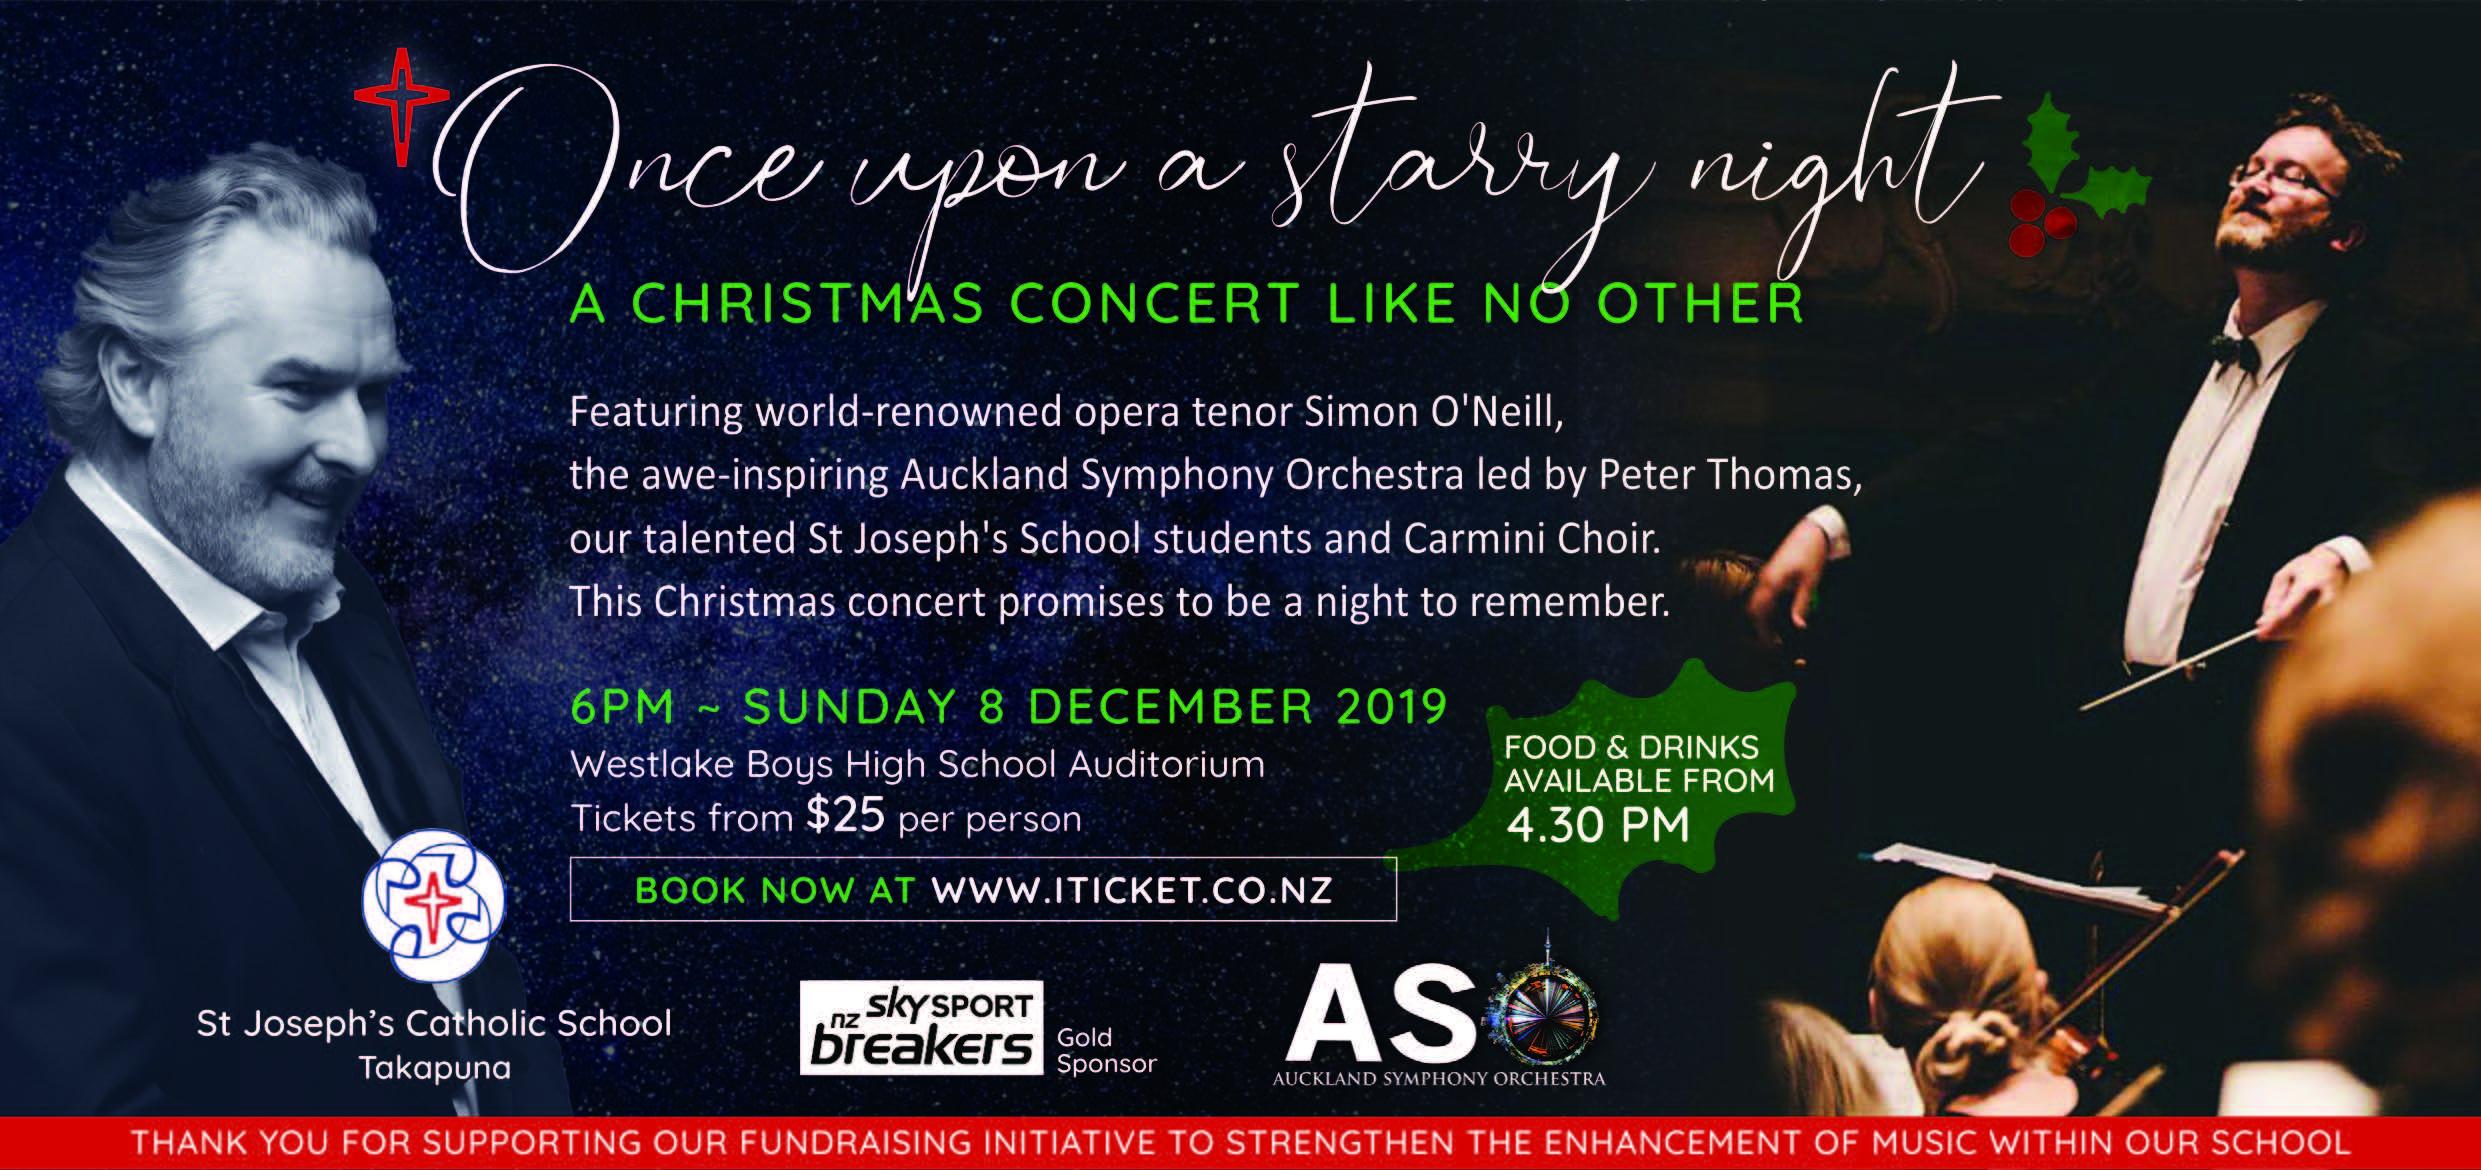 St Joseph's Christmas Concert Featuring Carmel and Rosmini Choir